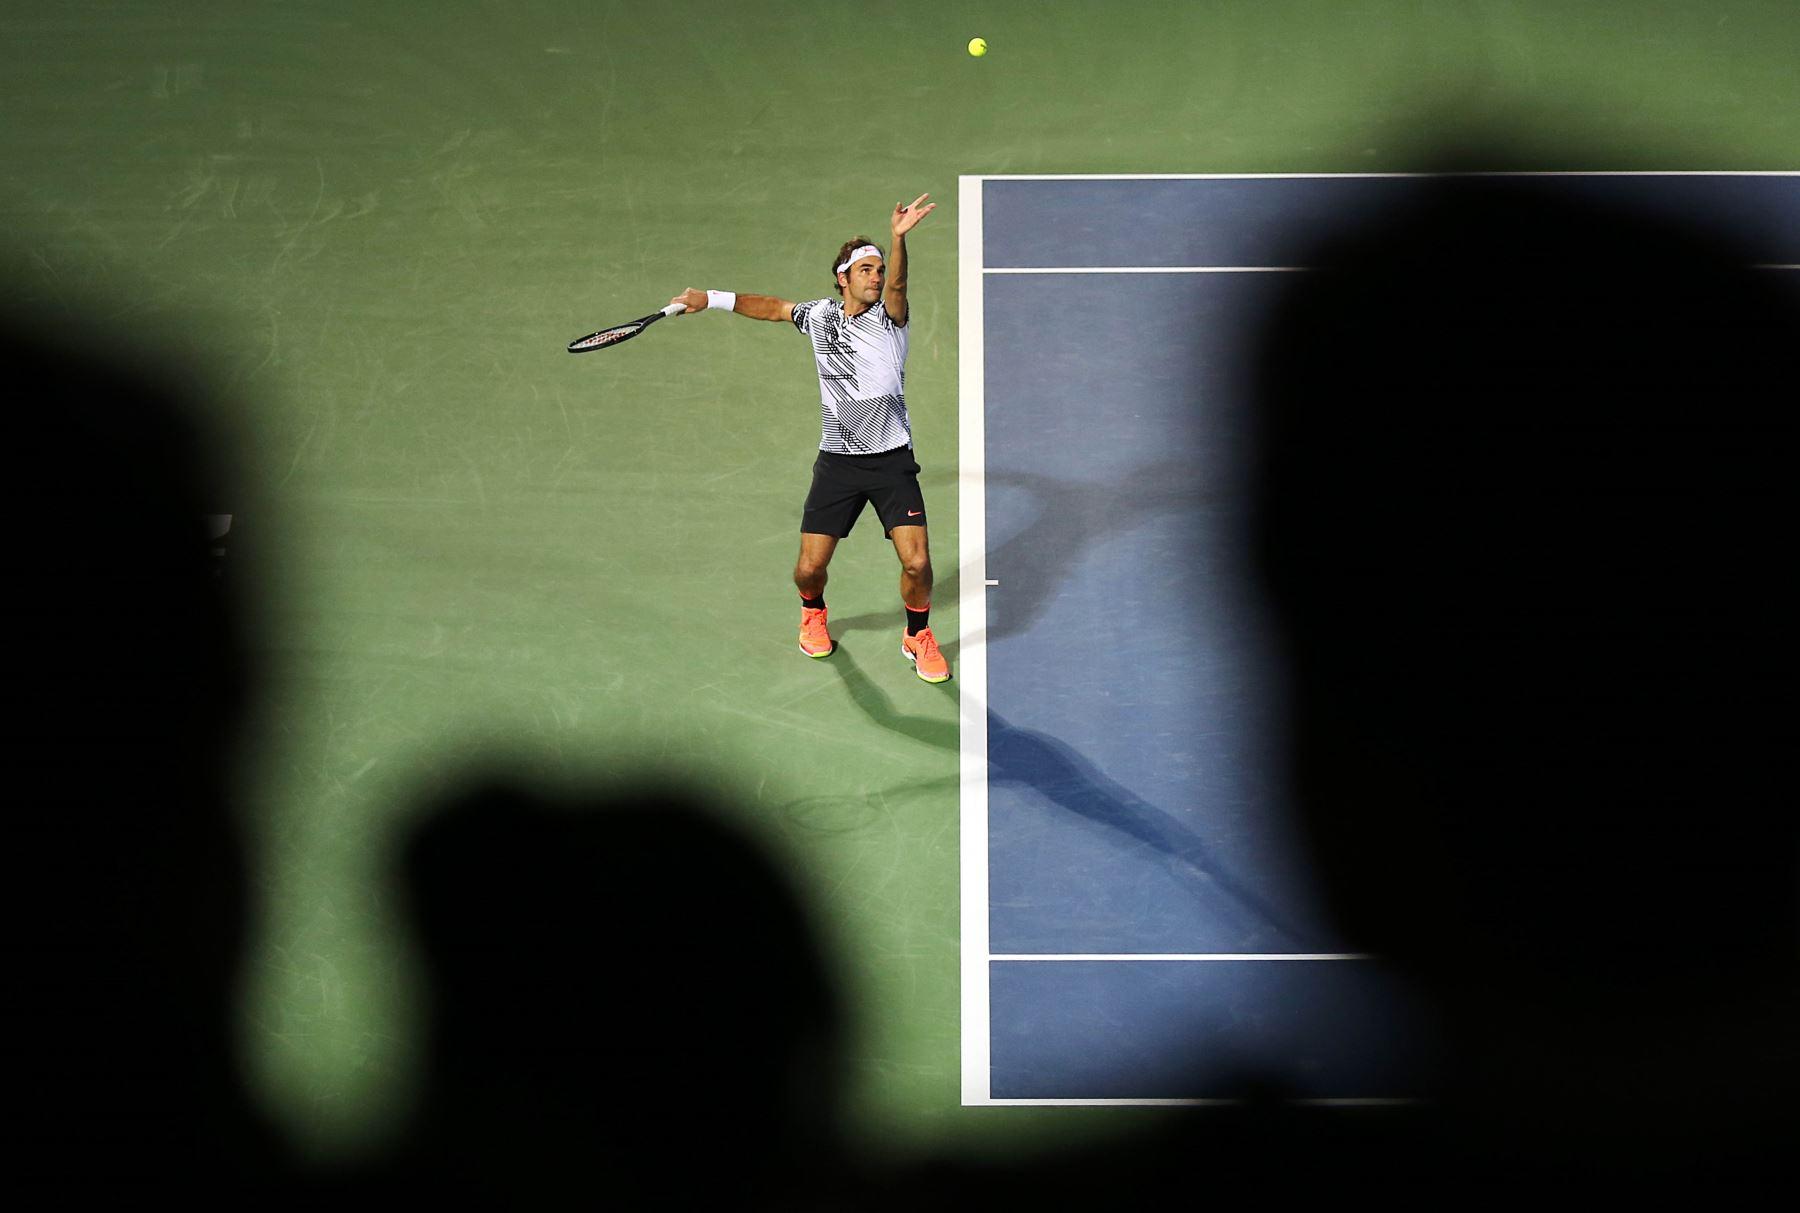 Roger Federer de Suiza sirve el balón al francés Benoit Paire durante su partido Dubai. Foto: AFP